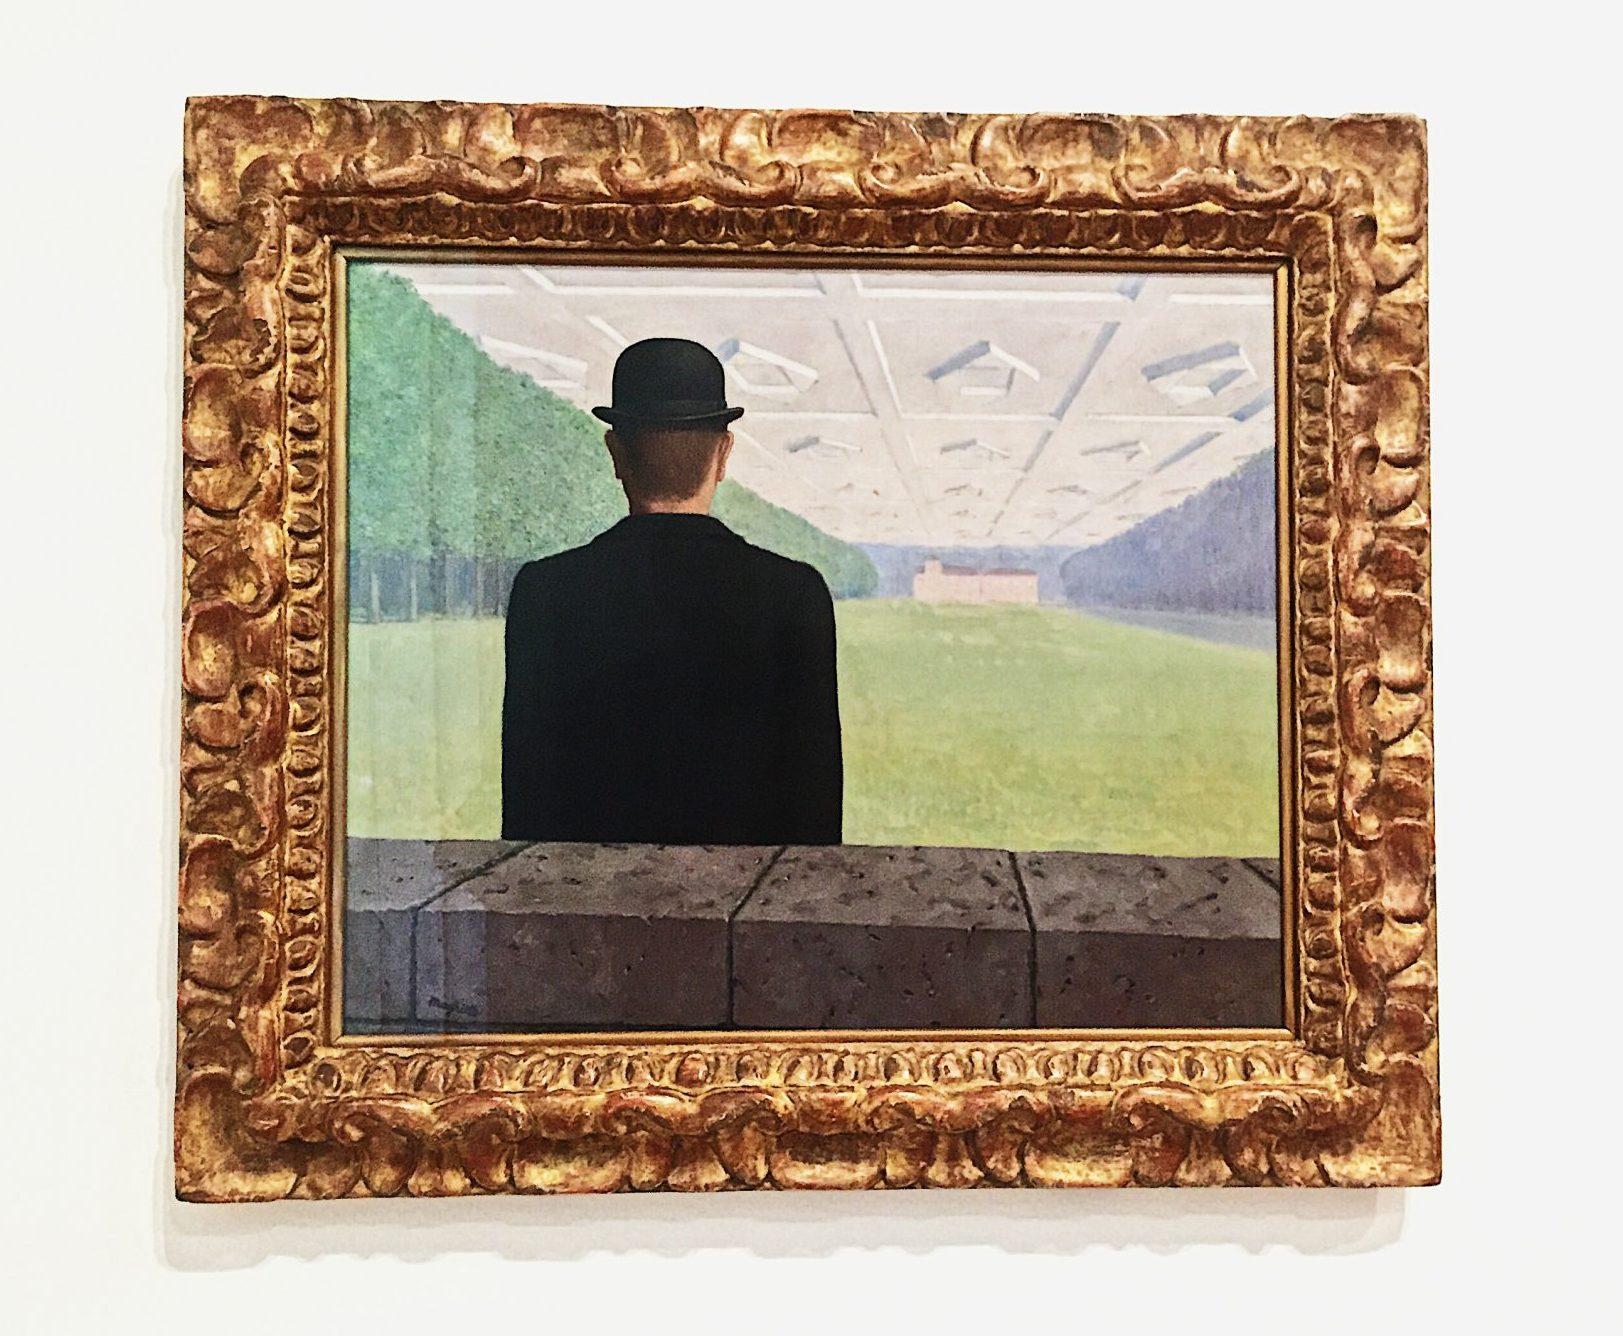 Natura e amore per la libertà dell'uomo. Magritte a Lugano. Contro gli ideali borghesi